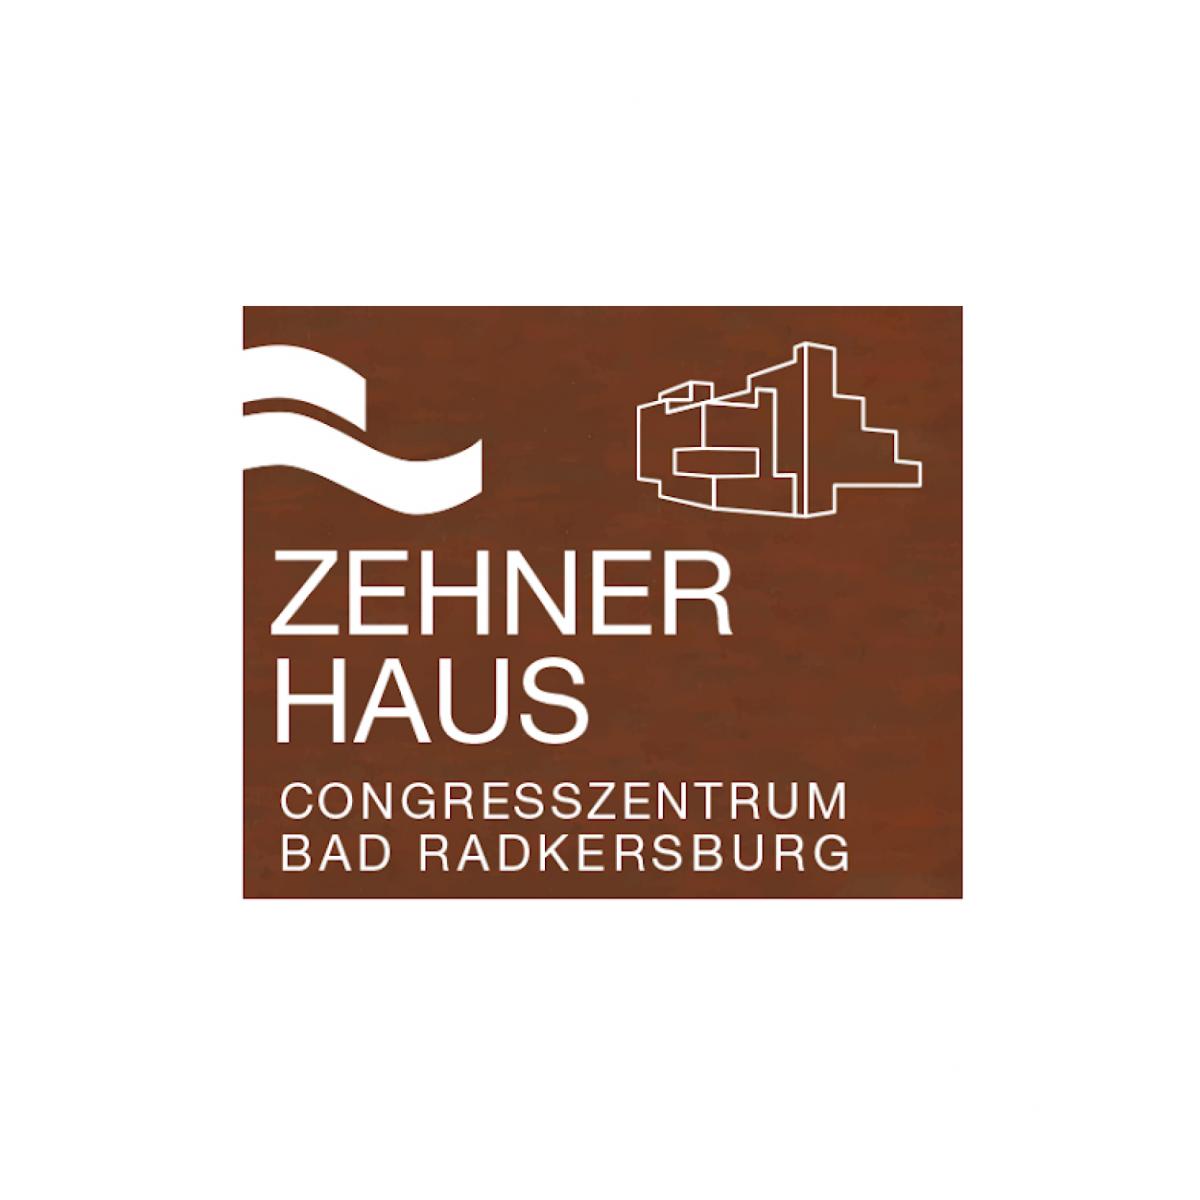 Zehnerhaus